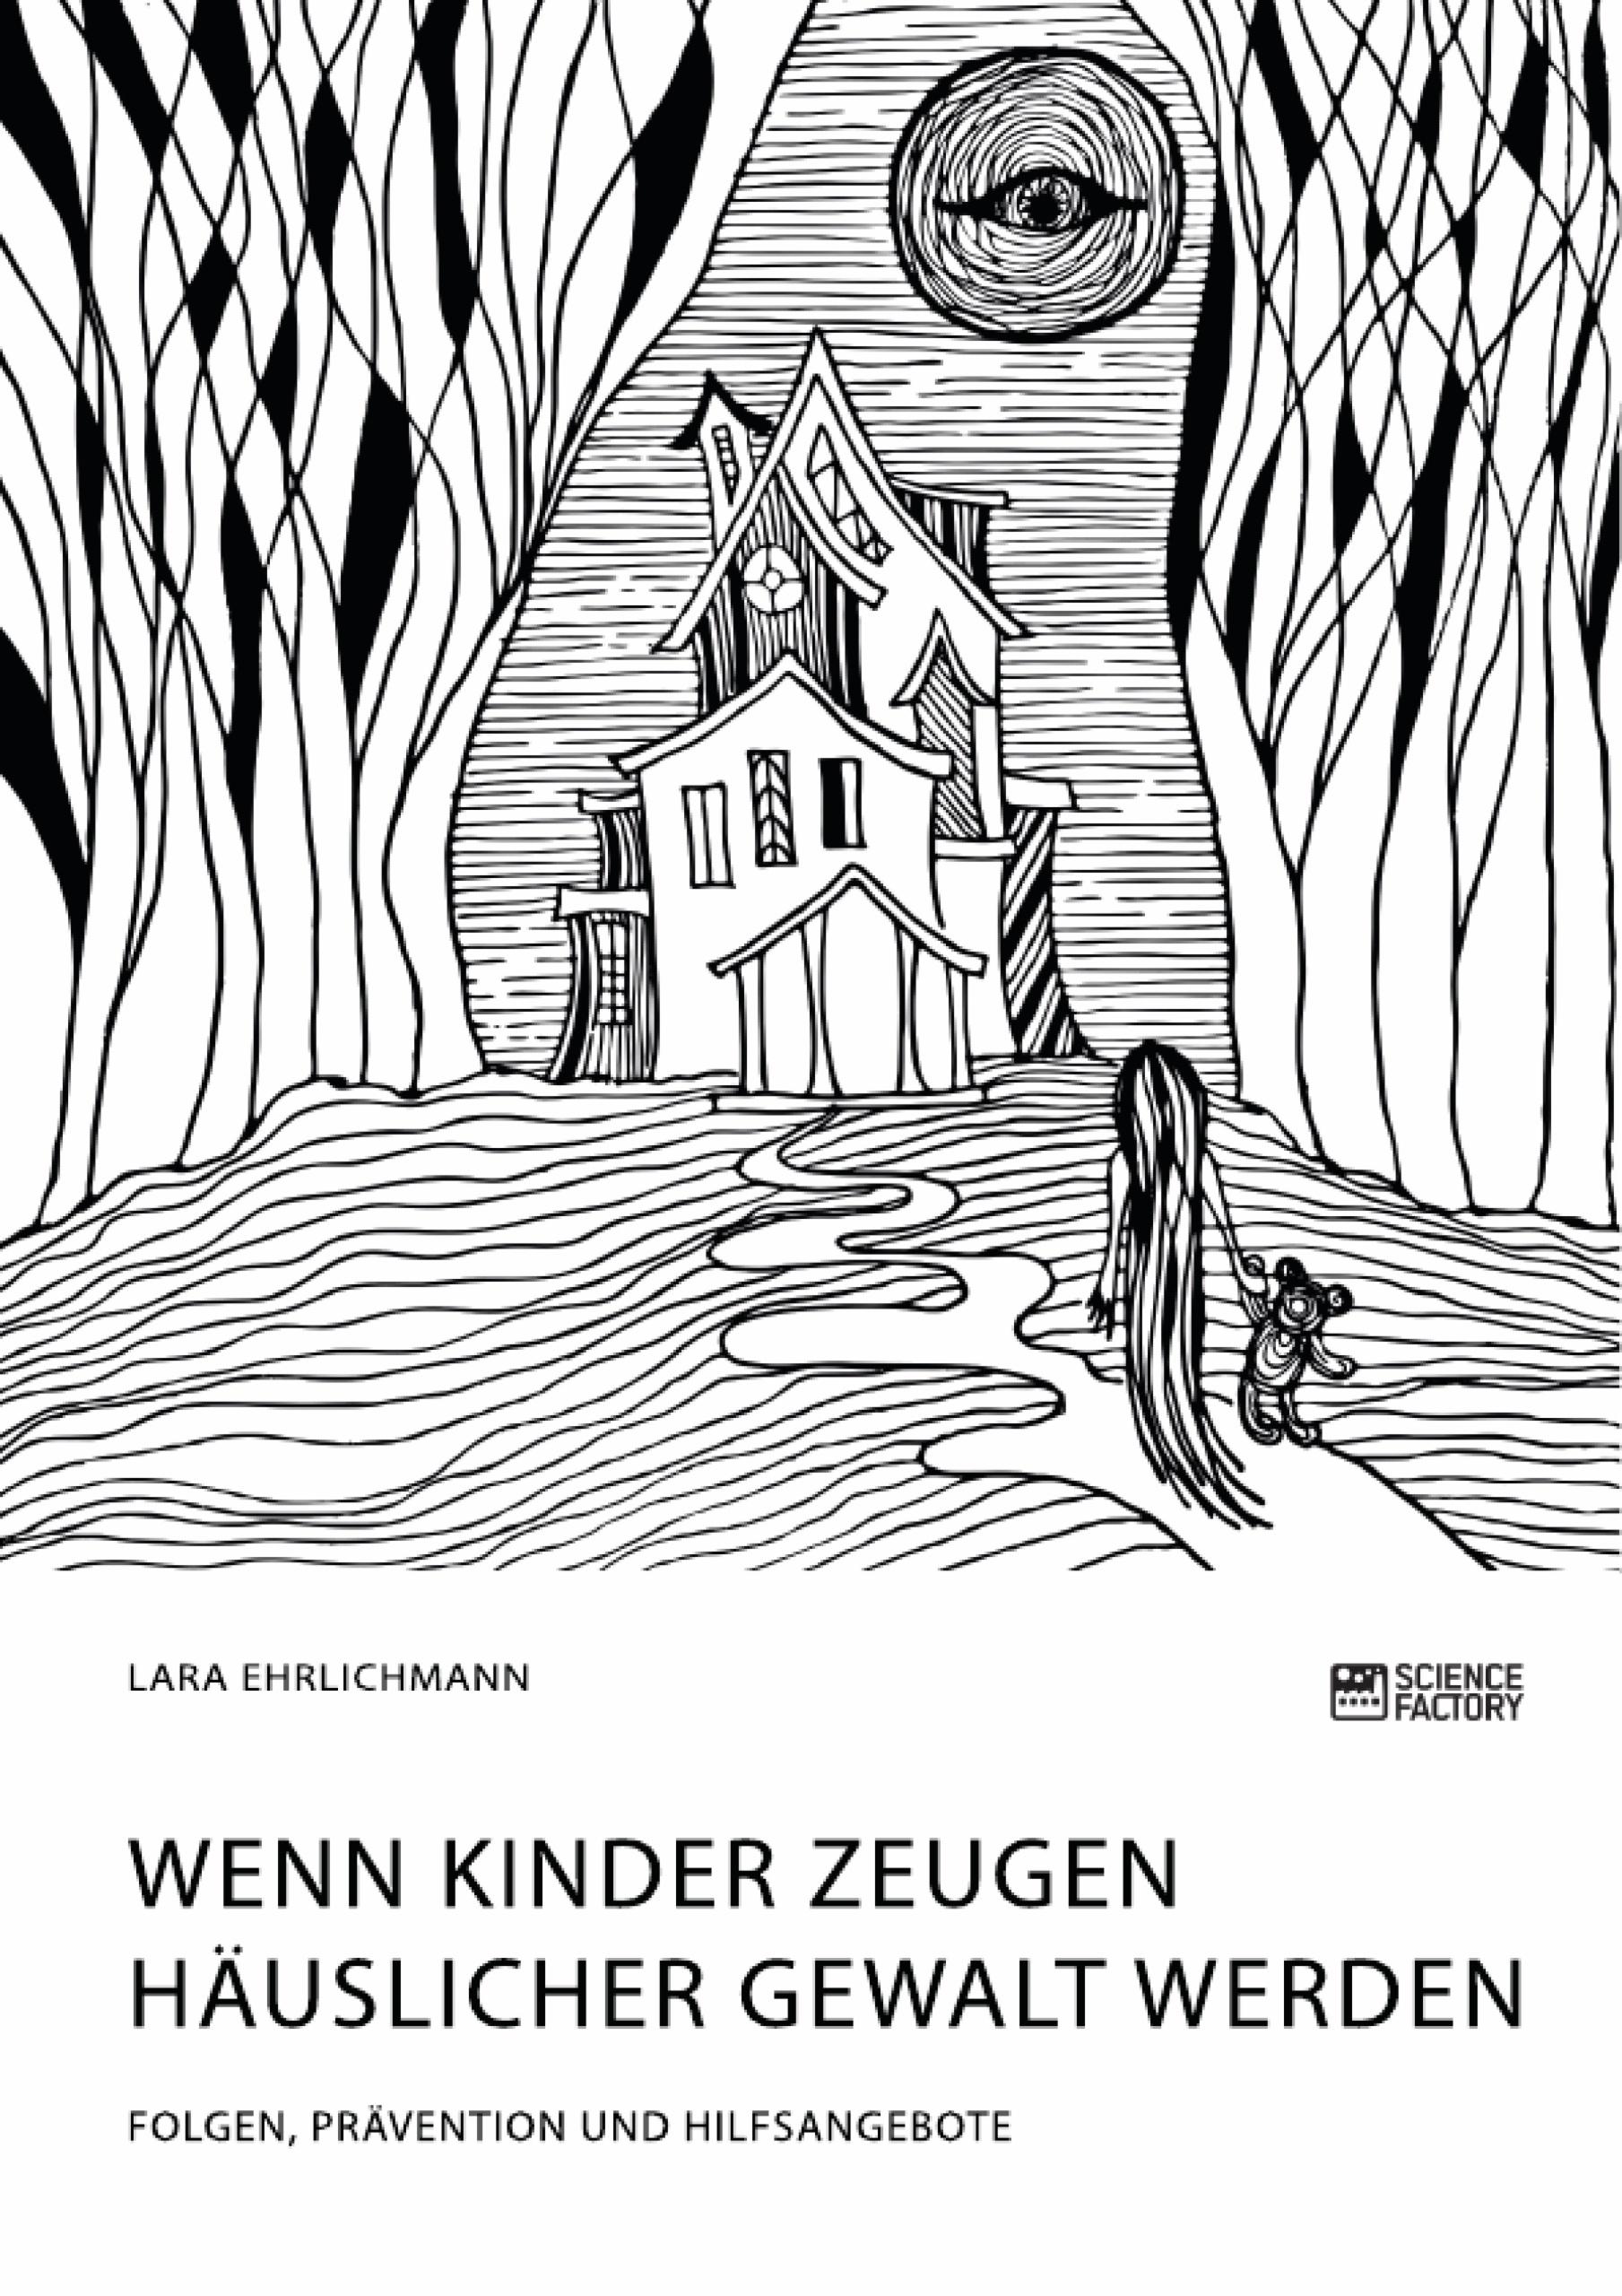 Titel: Wenn Kinder Zeugen häuslicher Gewalt werden. Folgen, Prävention und Hilfsangebote